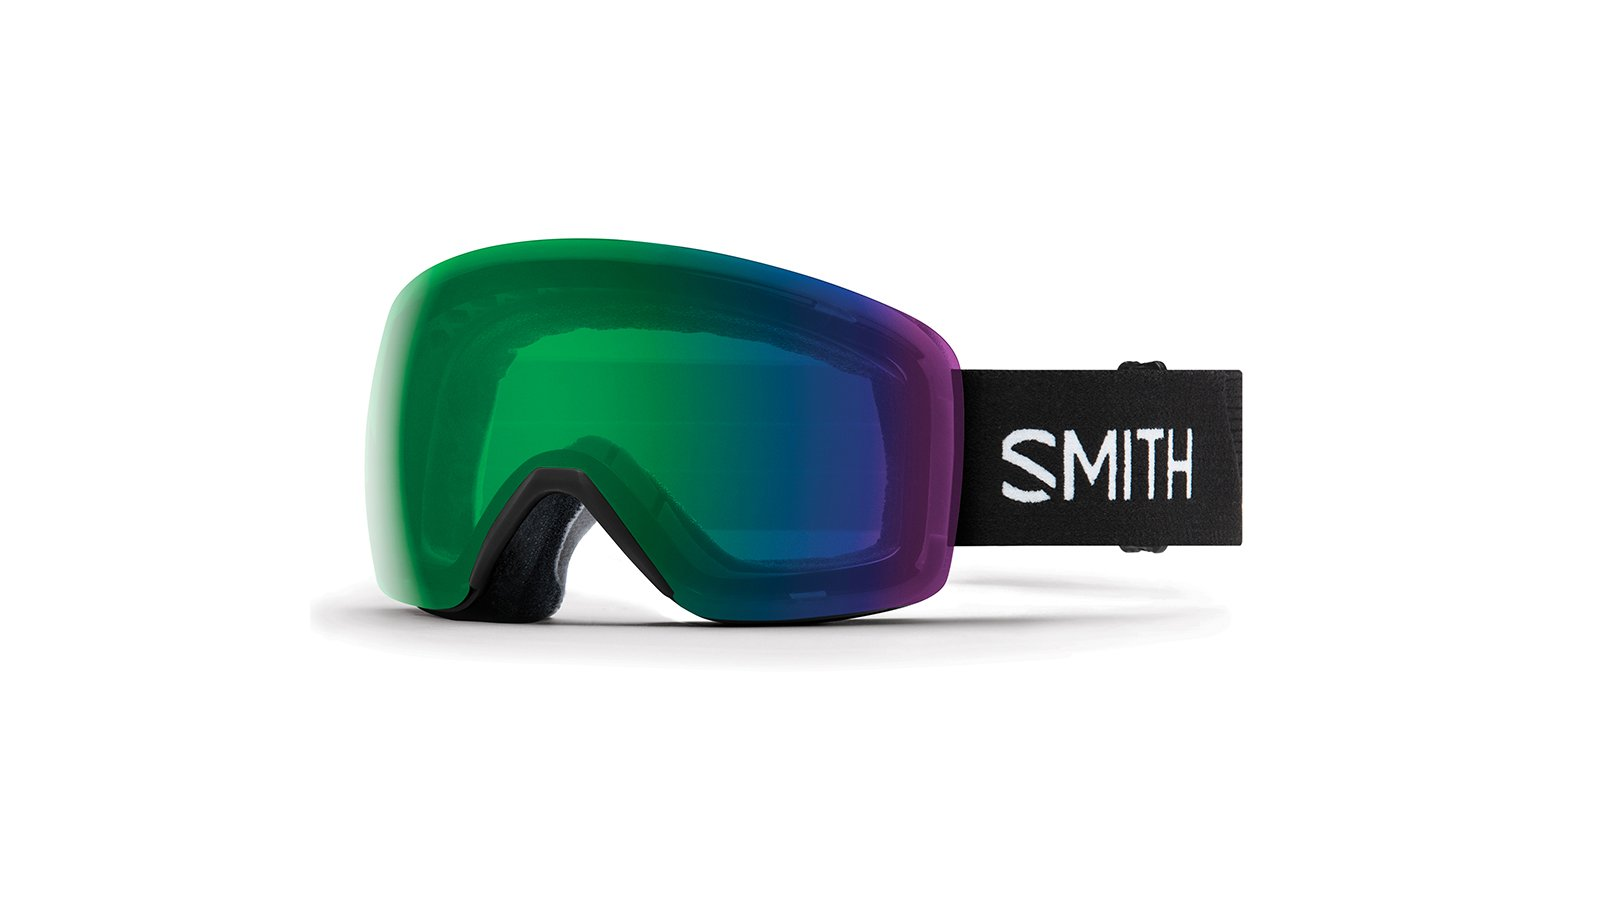 264e991b202 Smith Goggles FW18 19 Preview - Boardsport SOURCE